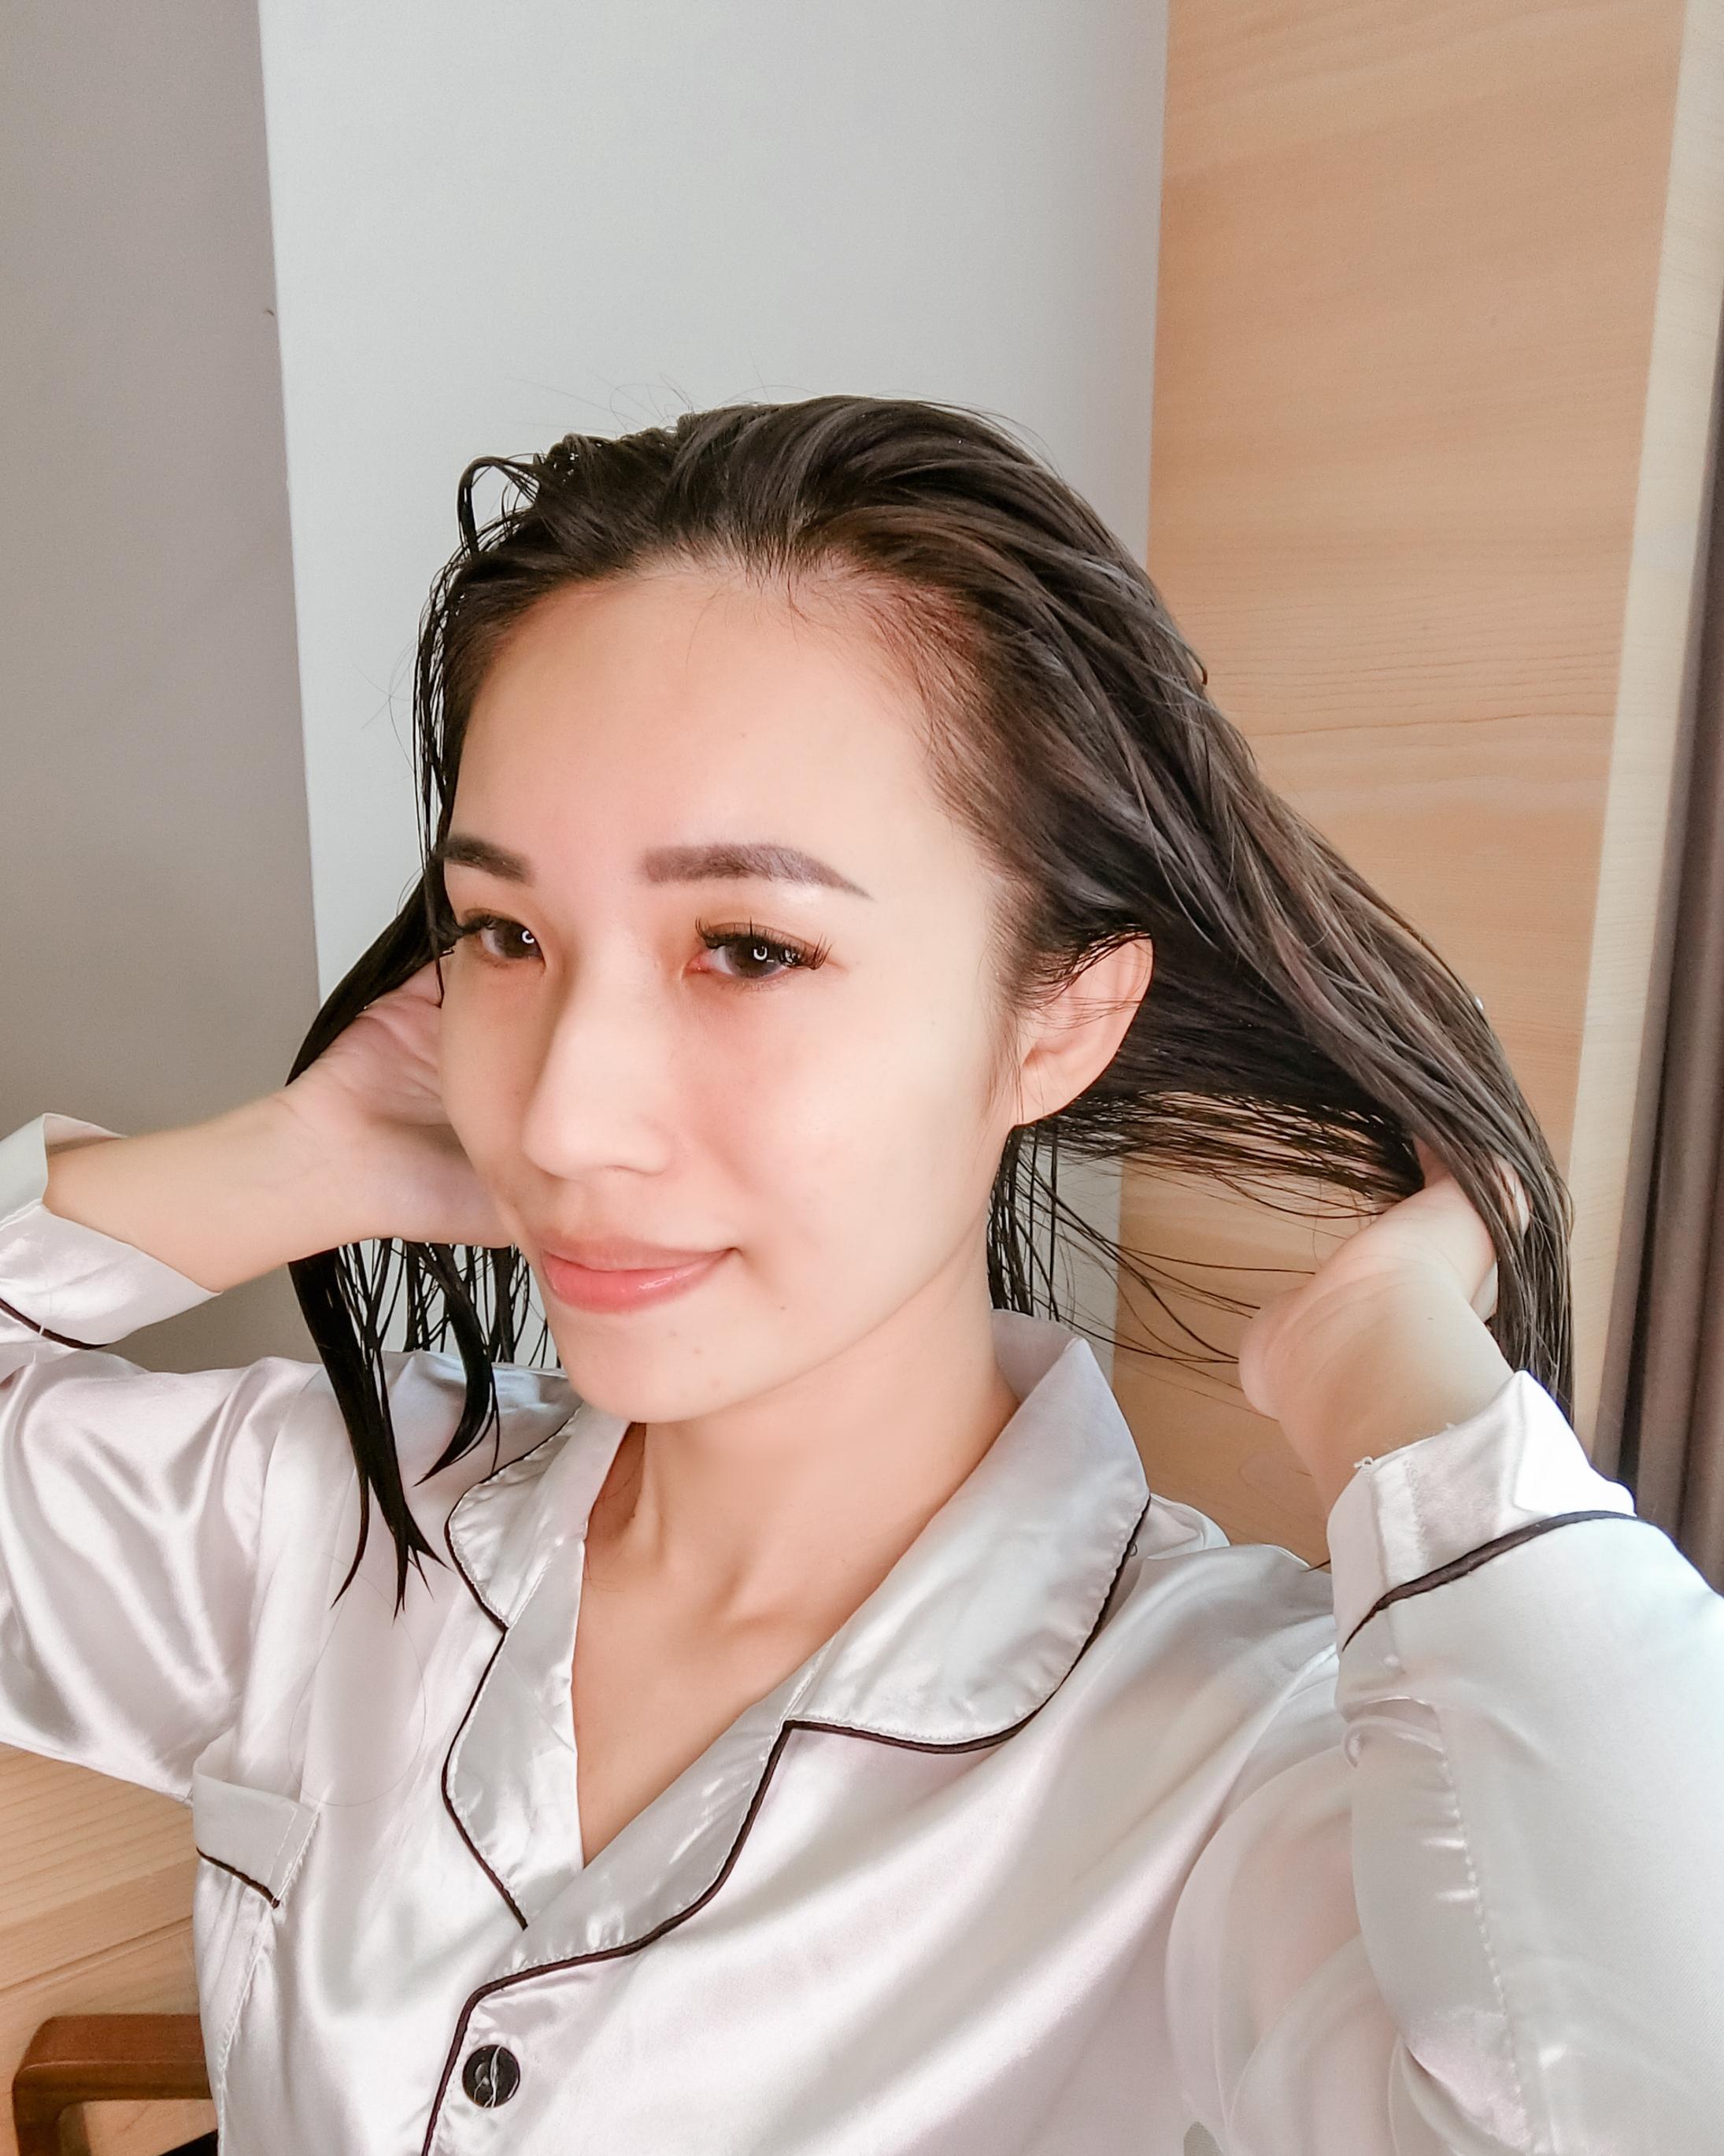 髮況皇后 LIKEY 萊客 洗髮精 護髮膜 精華露 打造輕柔秀髮三步驟16.JPG